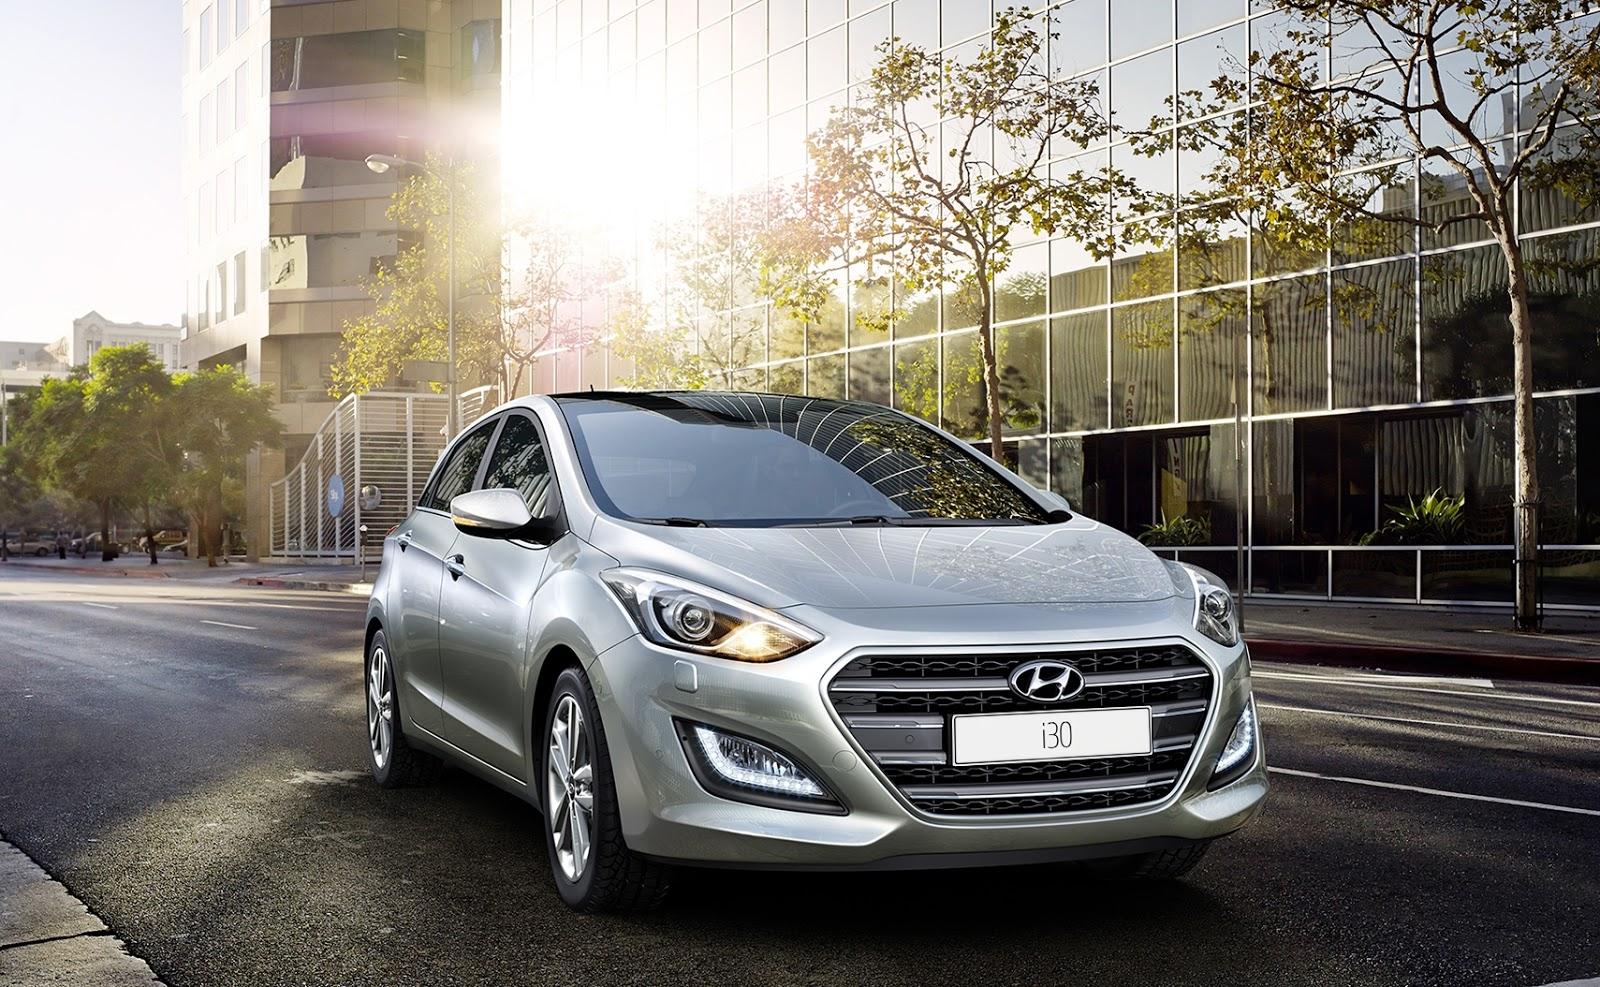 new i30 Το νέο Hyundai i30 πιο όμορφο και με επτατάχυτο κιβώτιο διπλού συμπλέκτη Hyundai, Hyundai i30